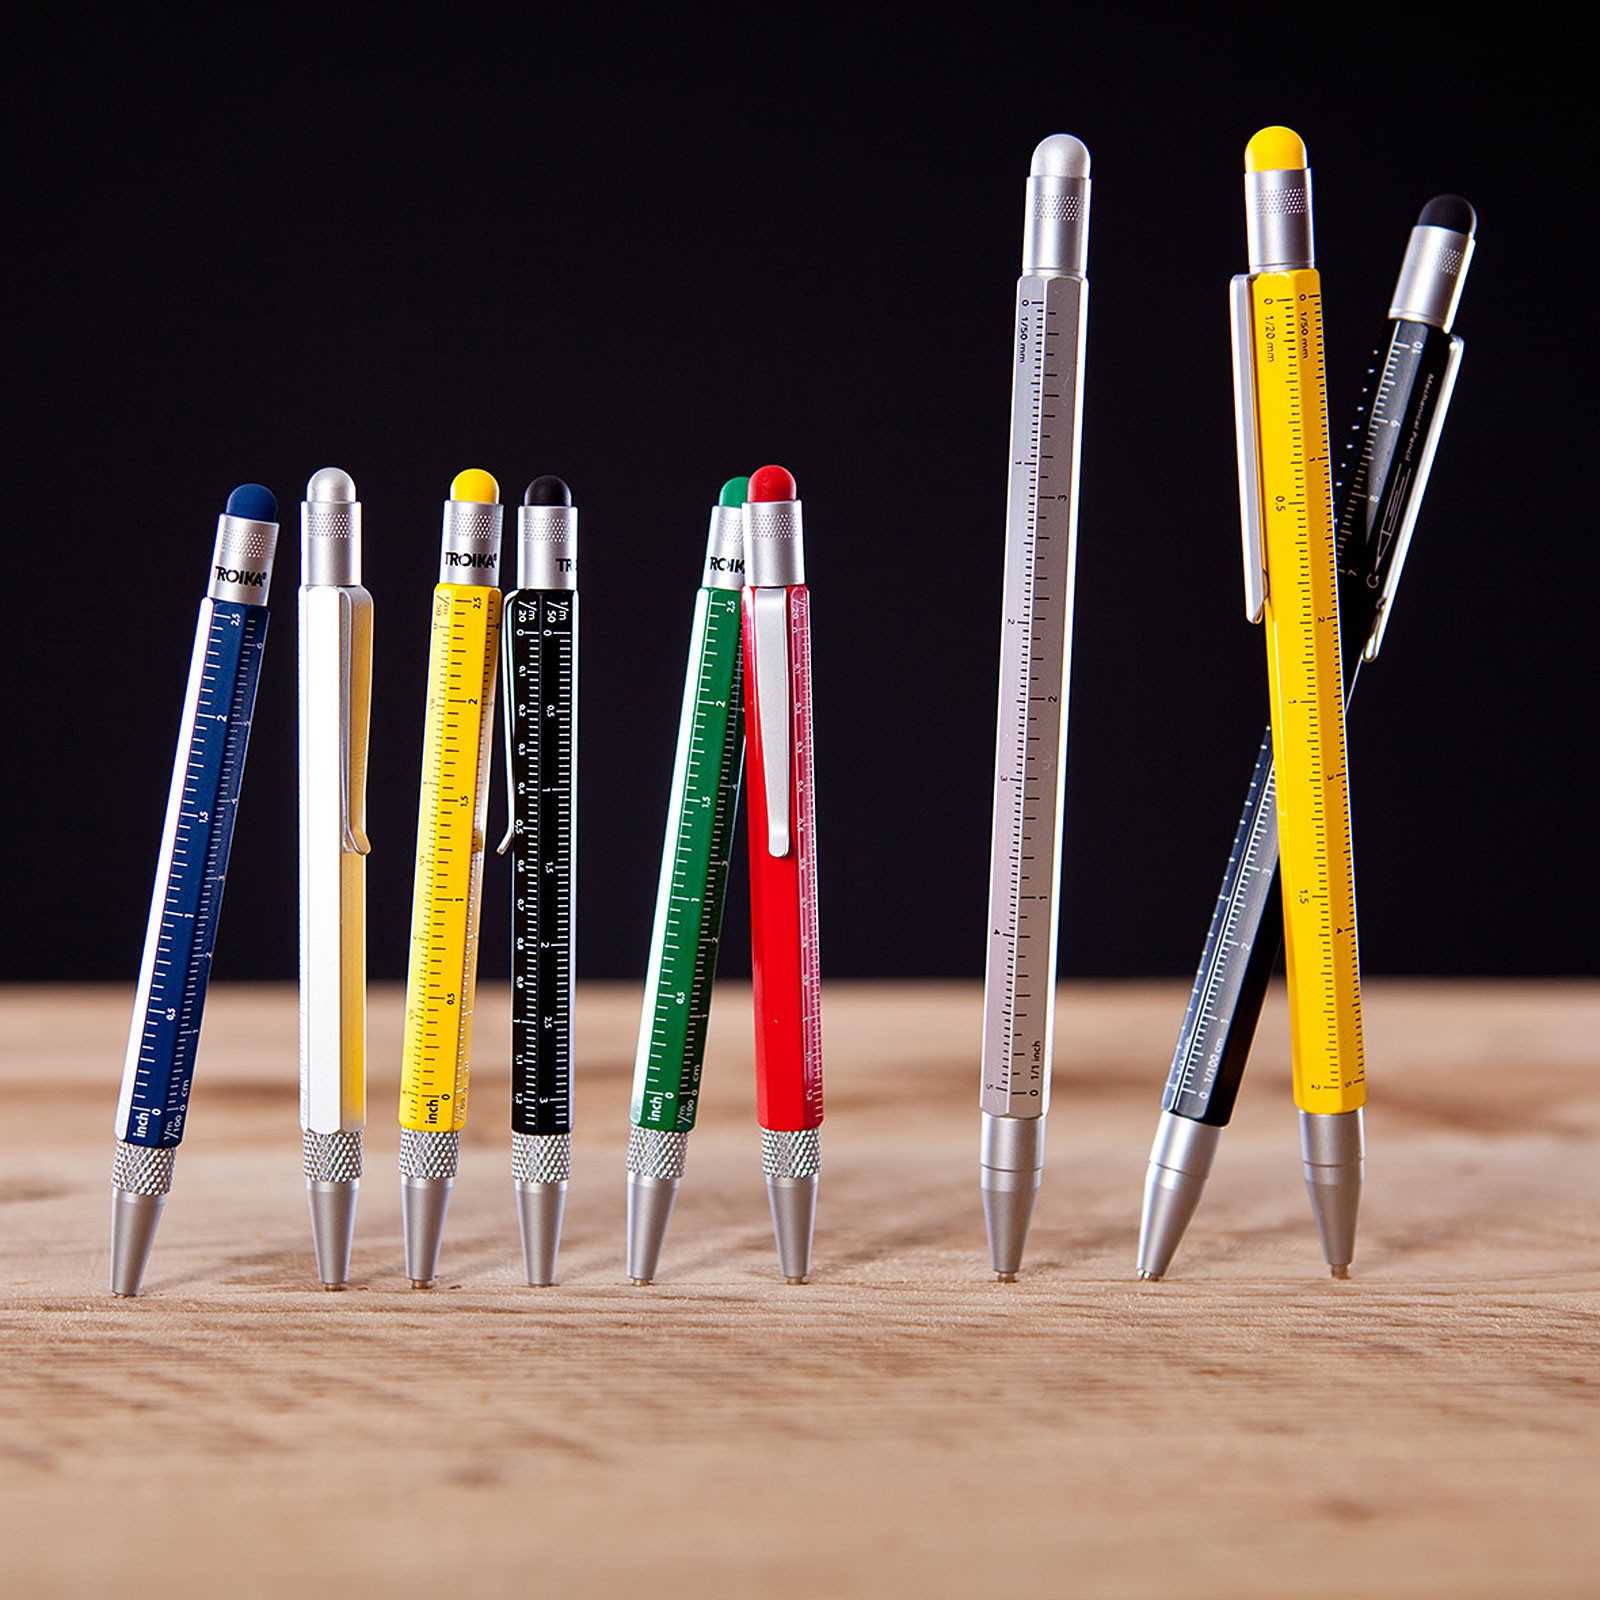 TROIKA Multitasking Kugelschreiber CONSTRUCTION viele Funktionen und Farben